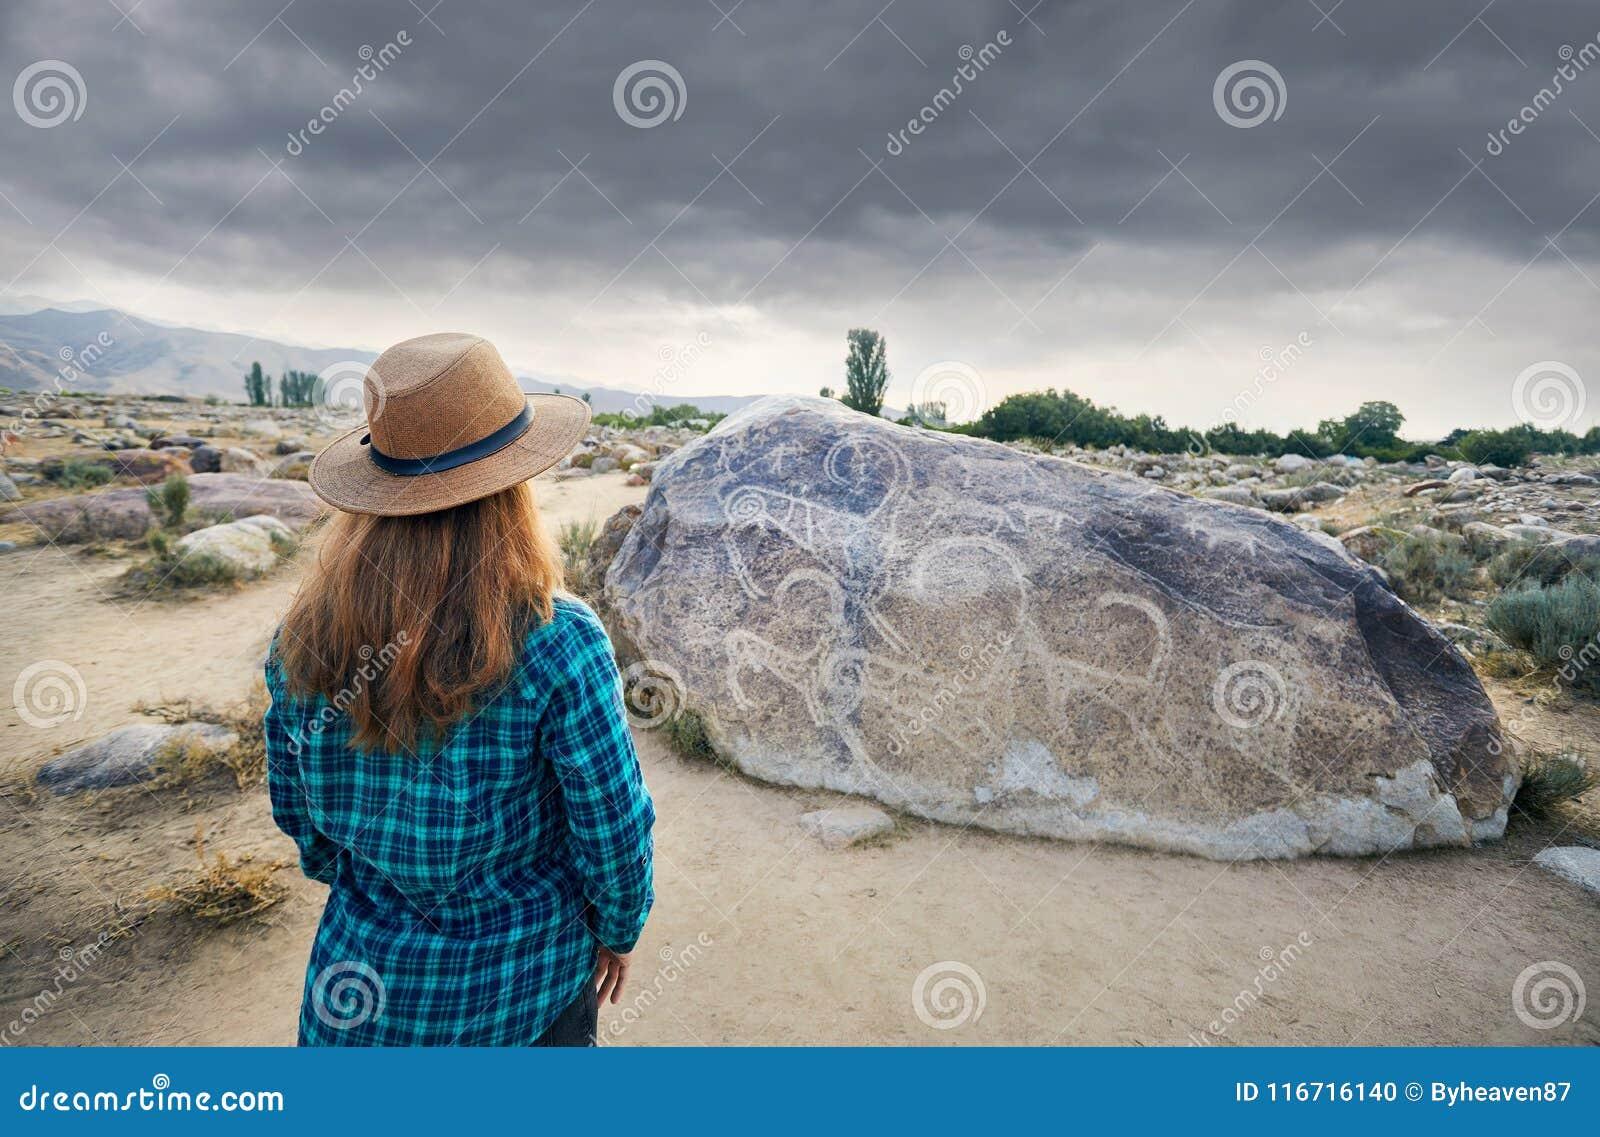 Картина женщины туристская близко старая каменная